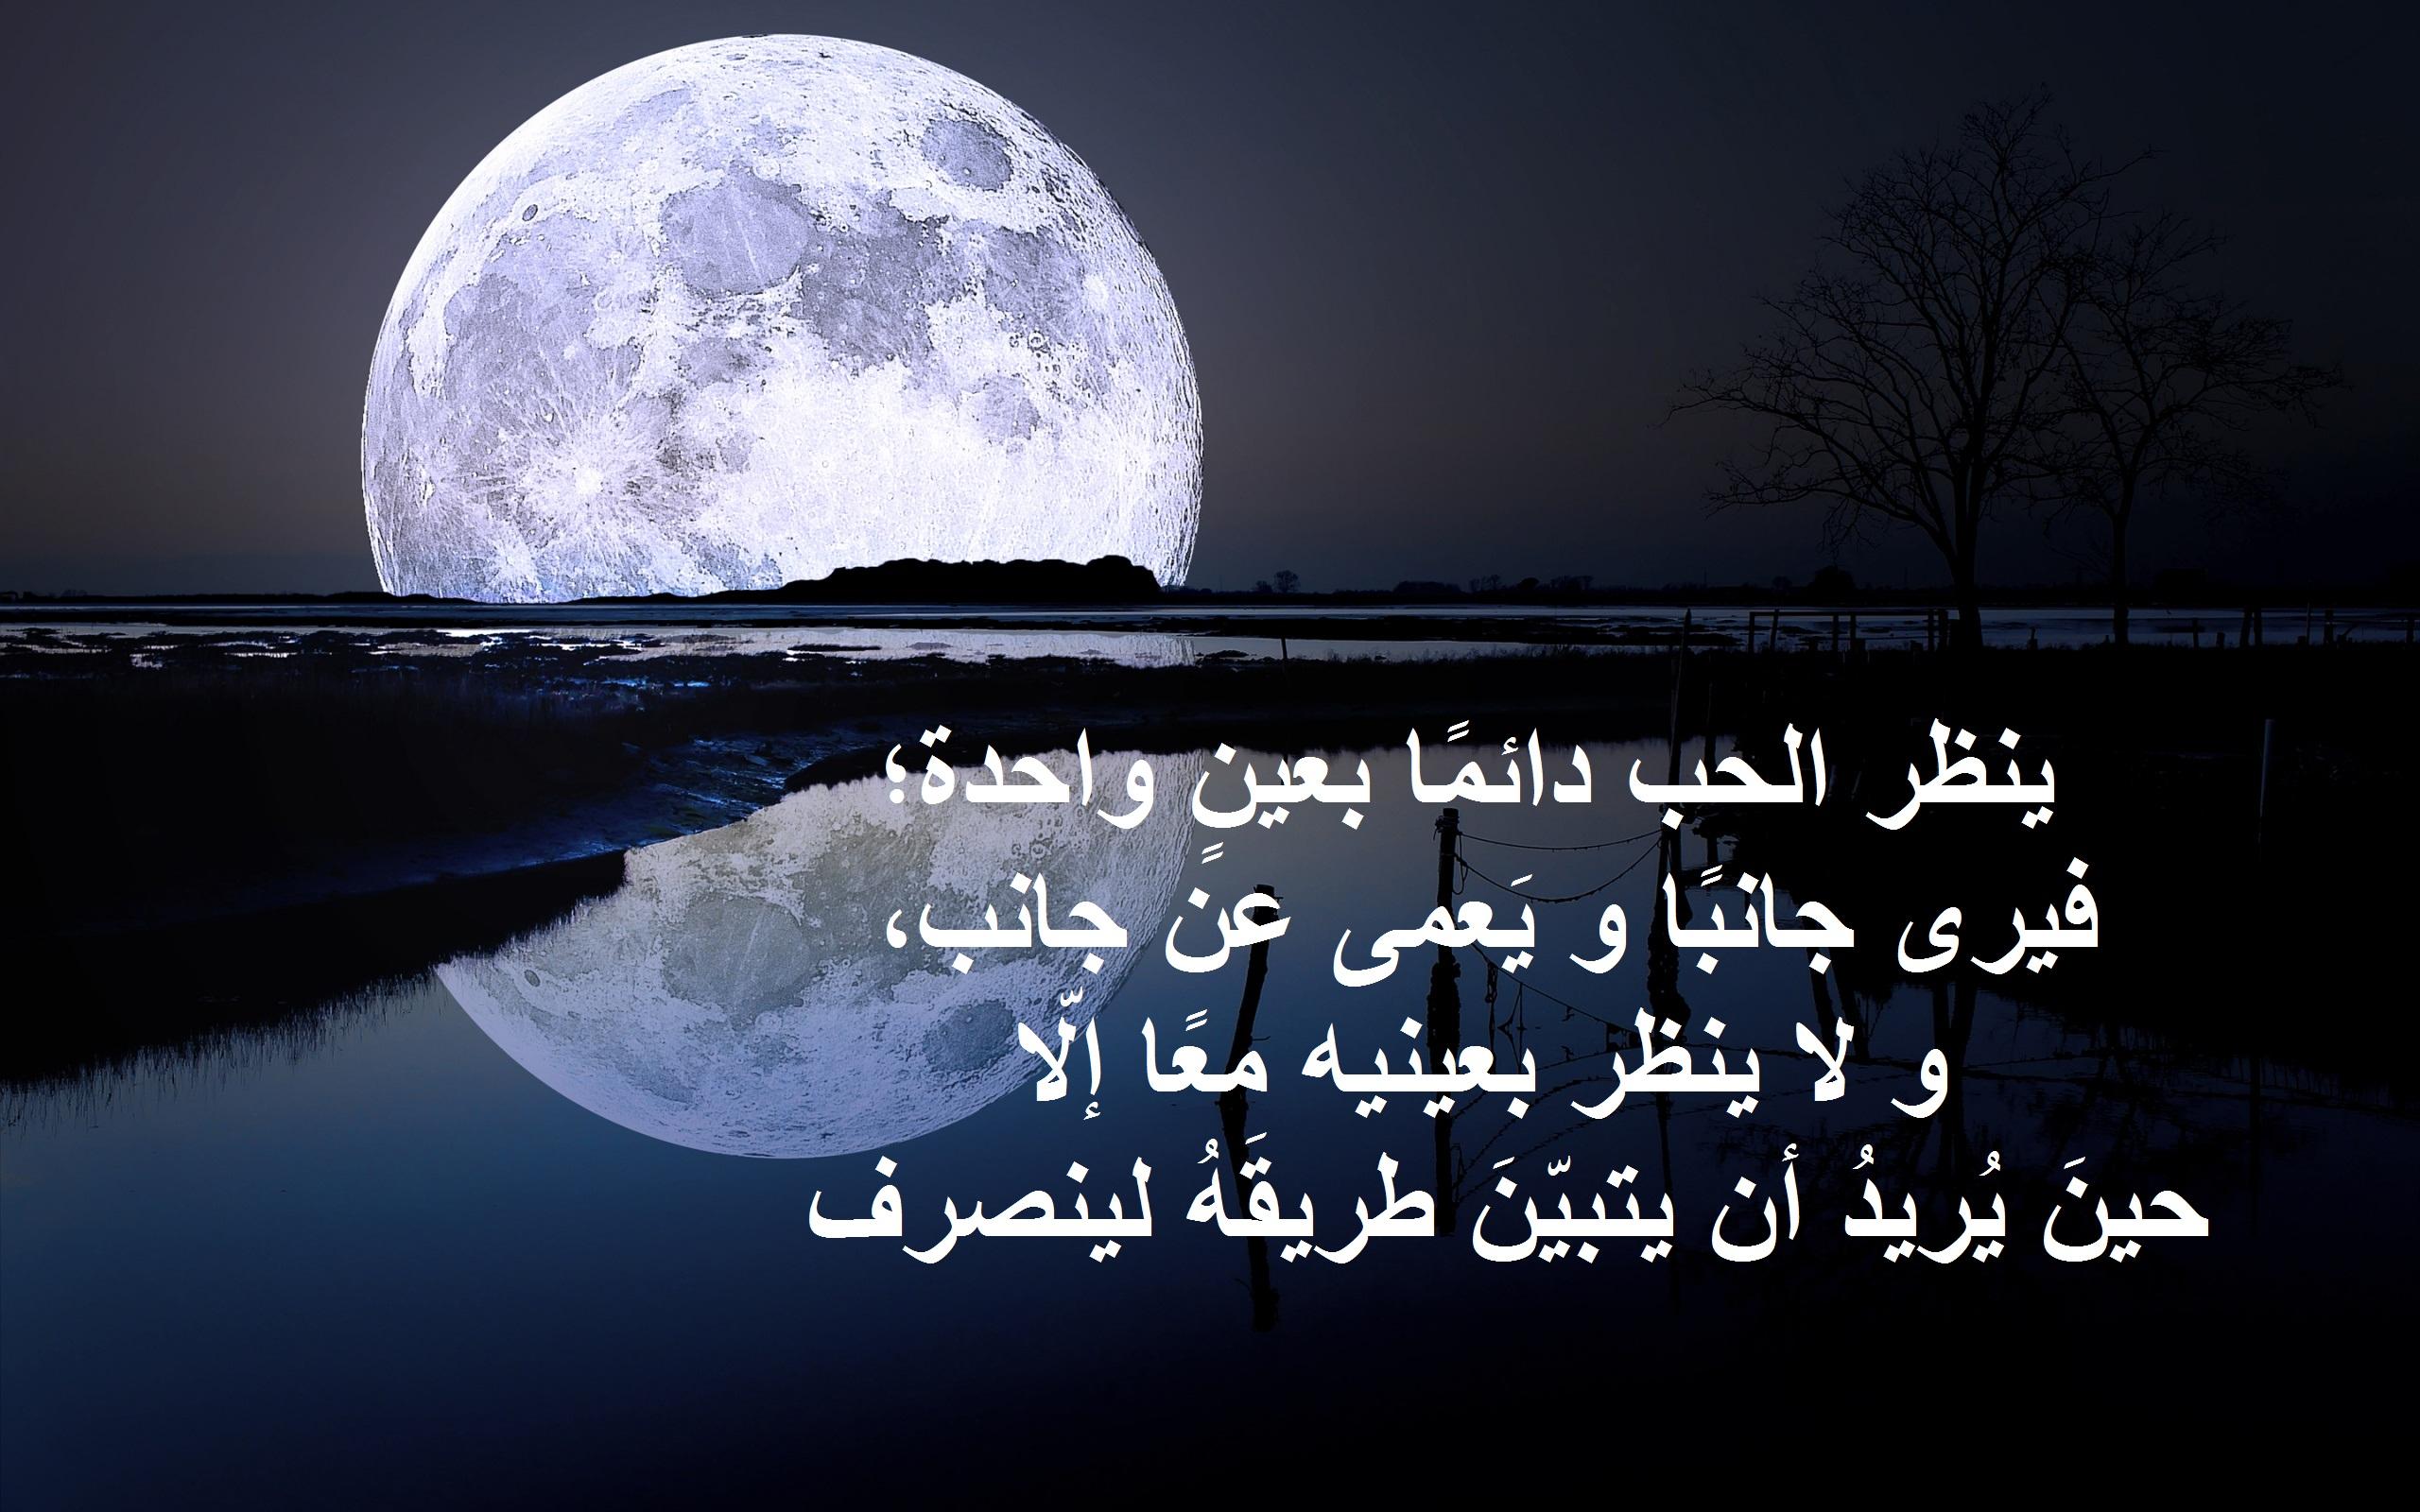 كلمات و همسات تعبر عن الحب حكم وعبر جميلة عن الحب